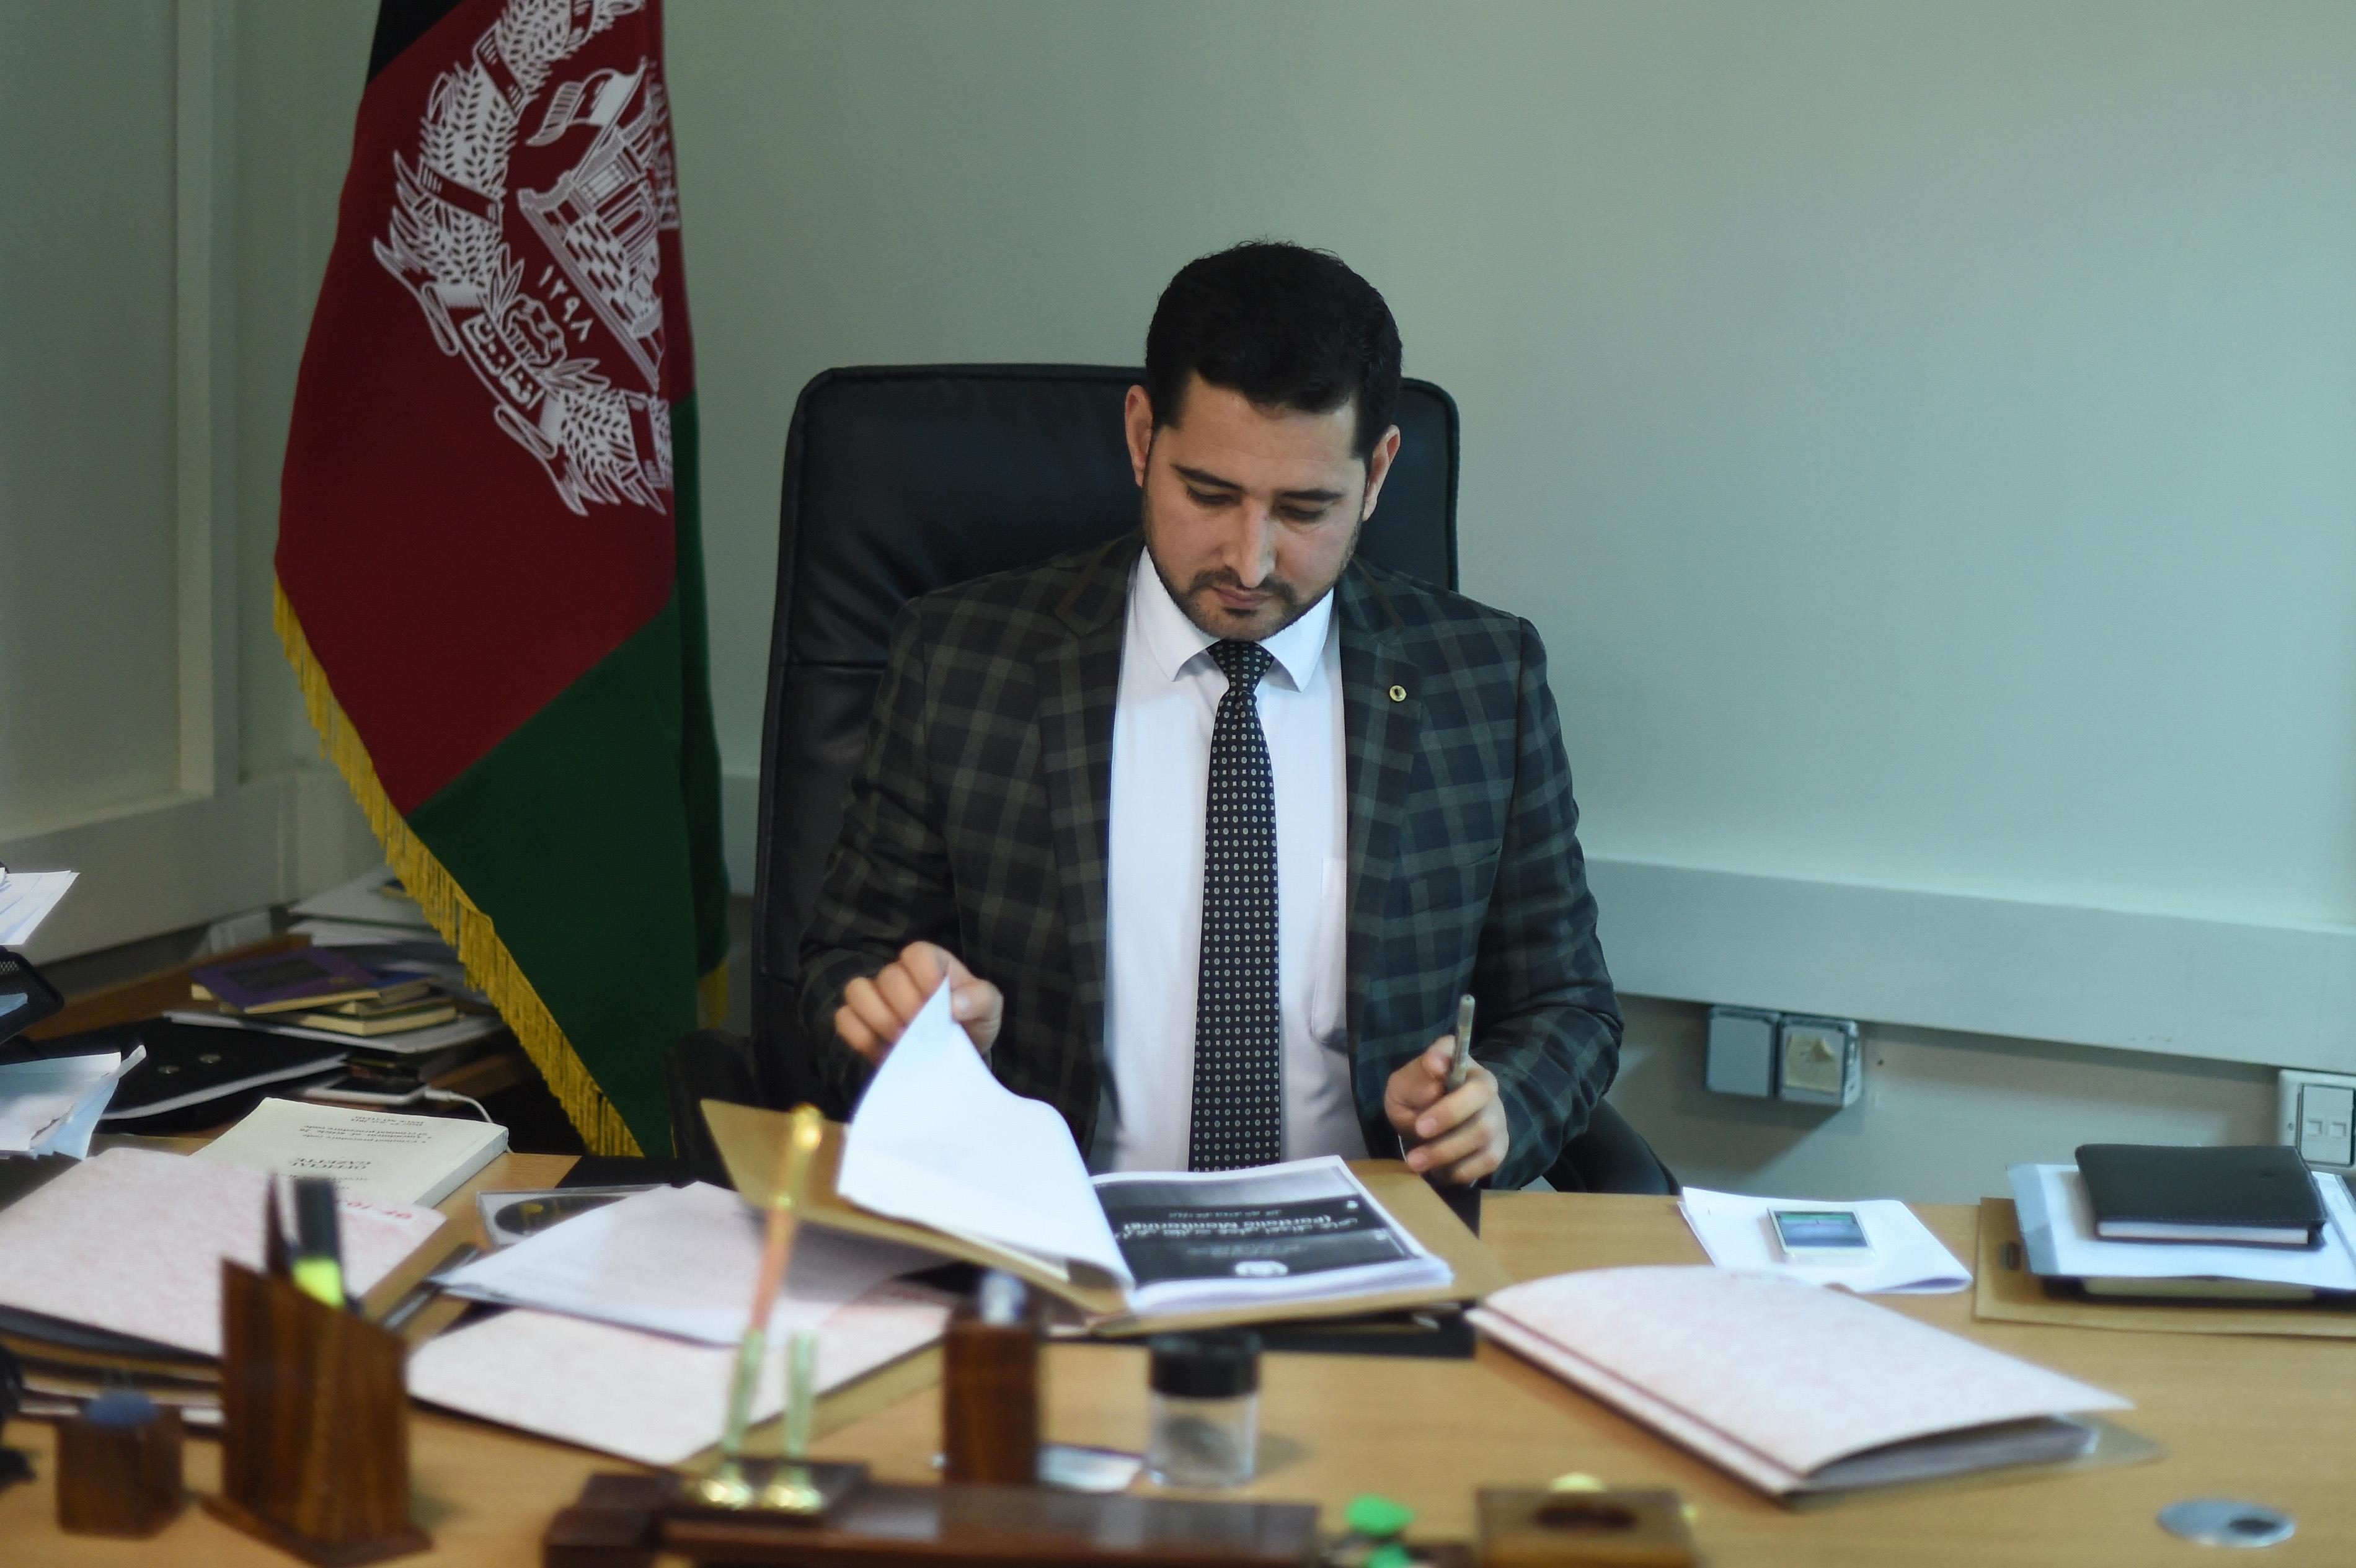 موفقیت در مبارزه با فساد اداری در افغانستان